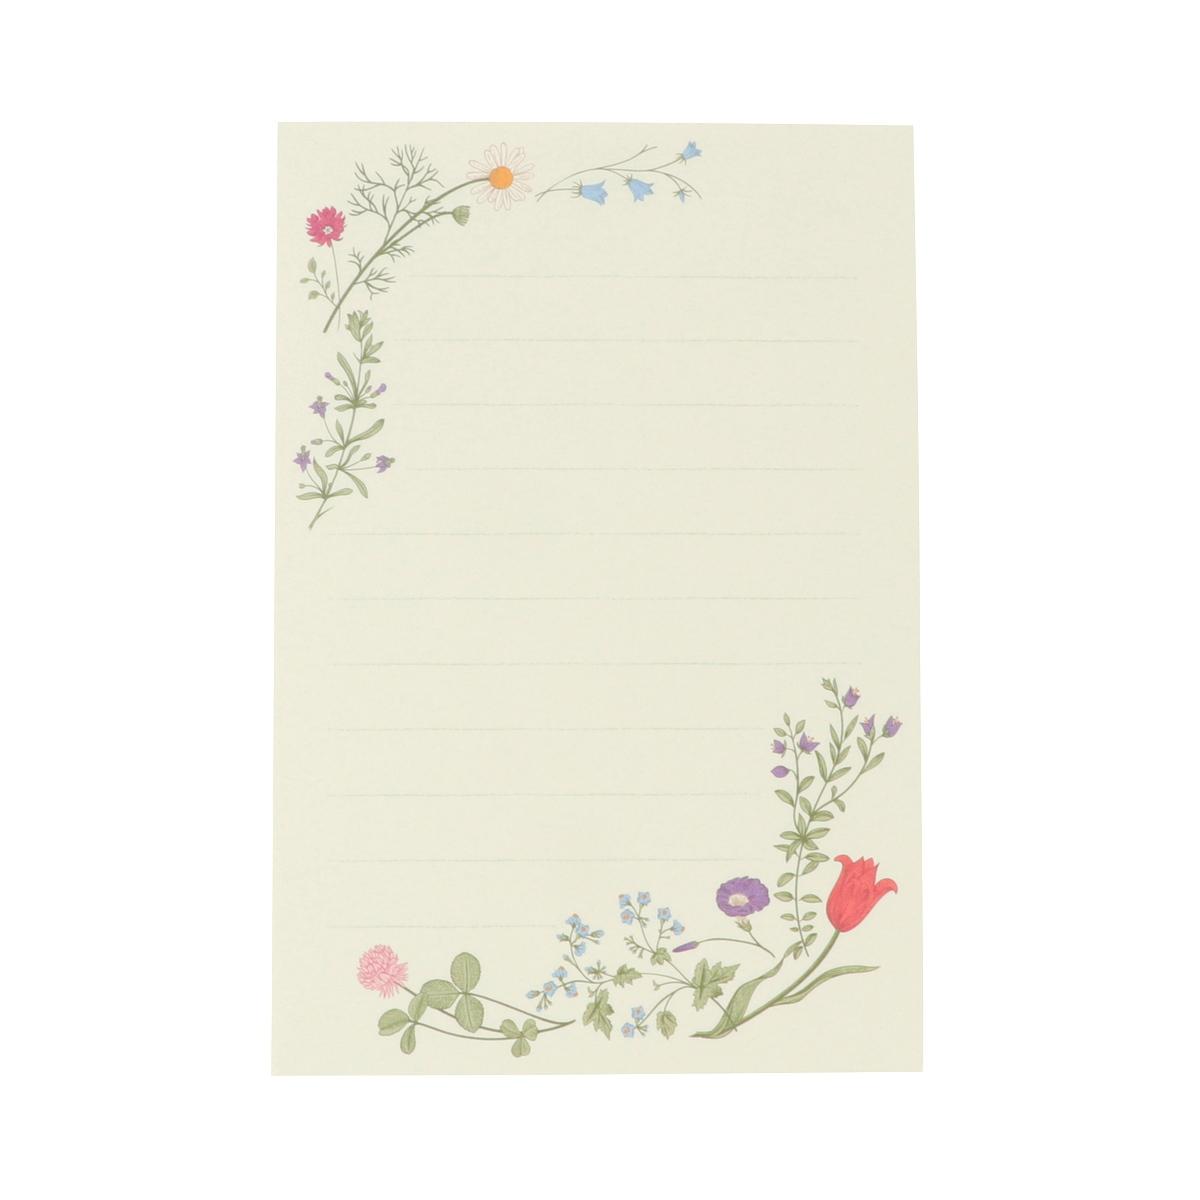 はがき箋 春の息吹|hgs-410